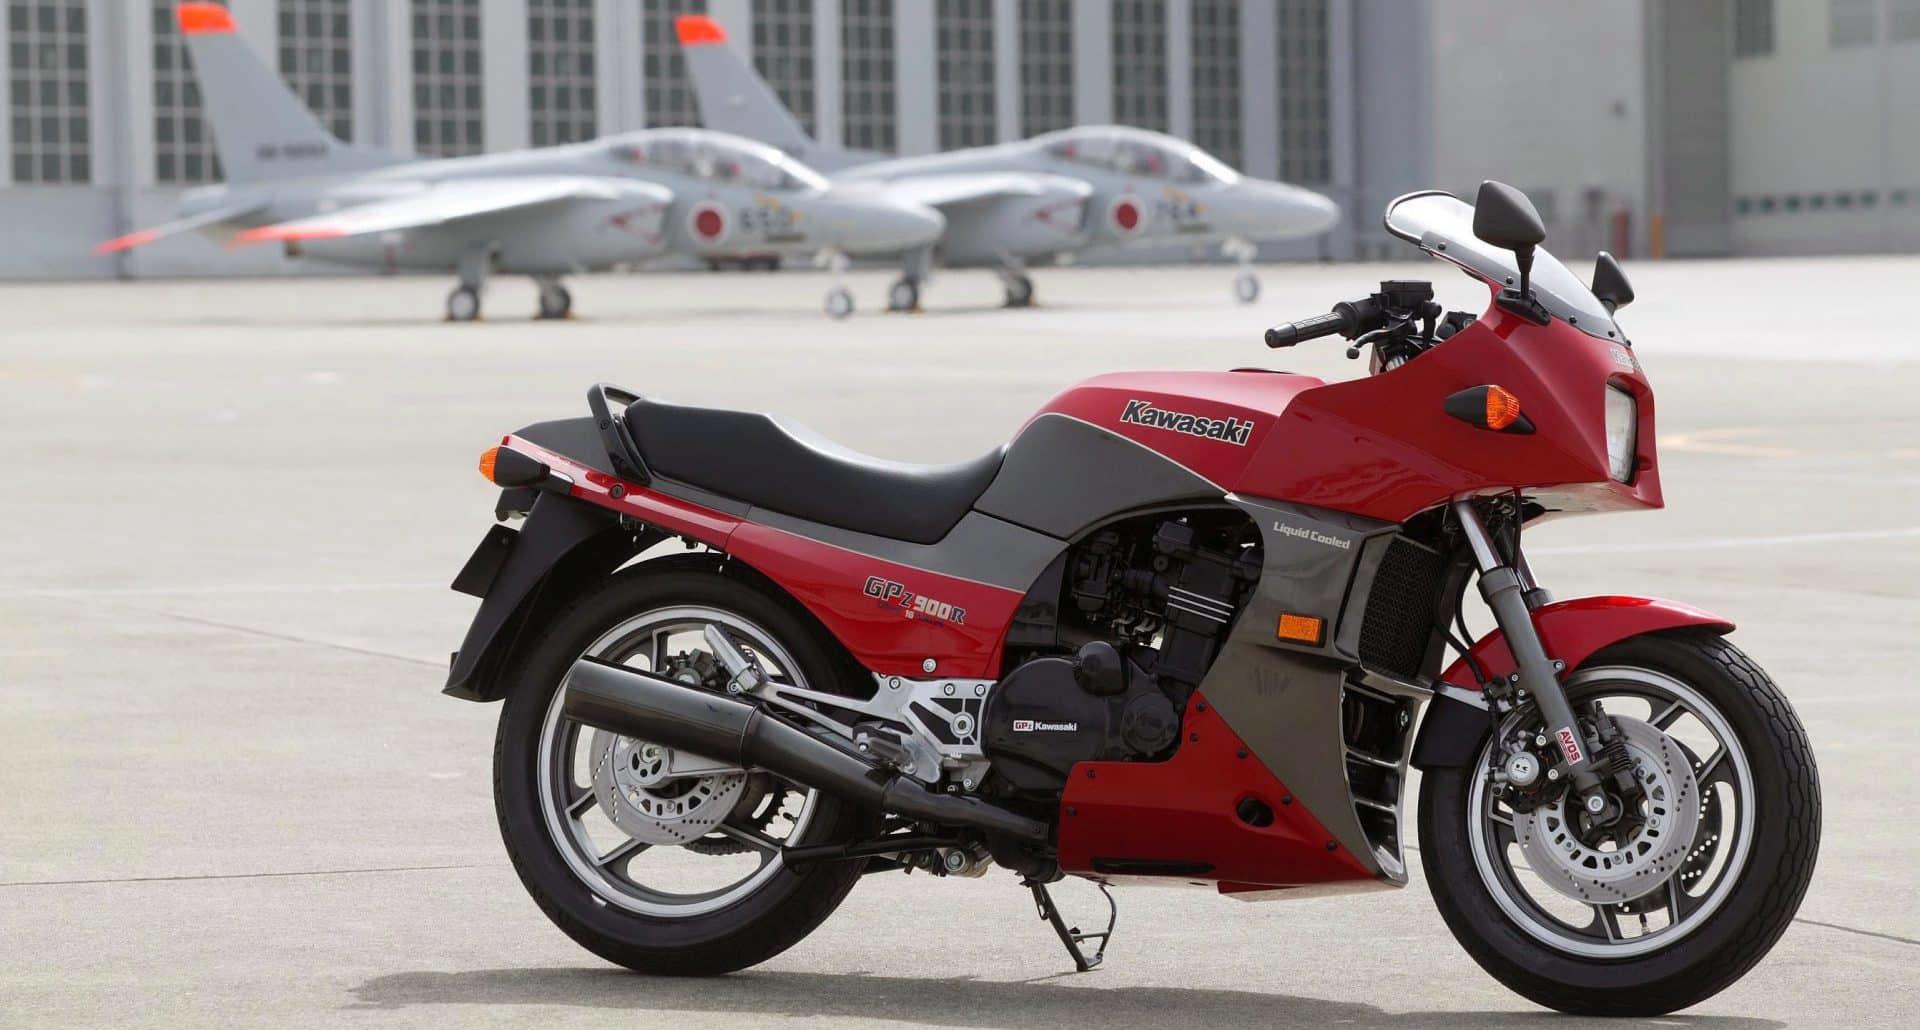 Moto del día: Kawasaki GPZ 900 R (1984)